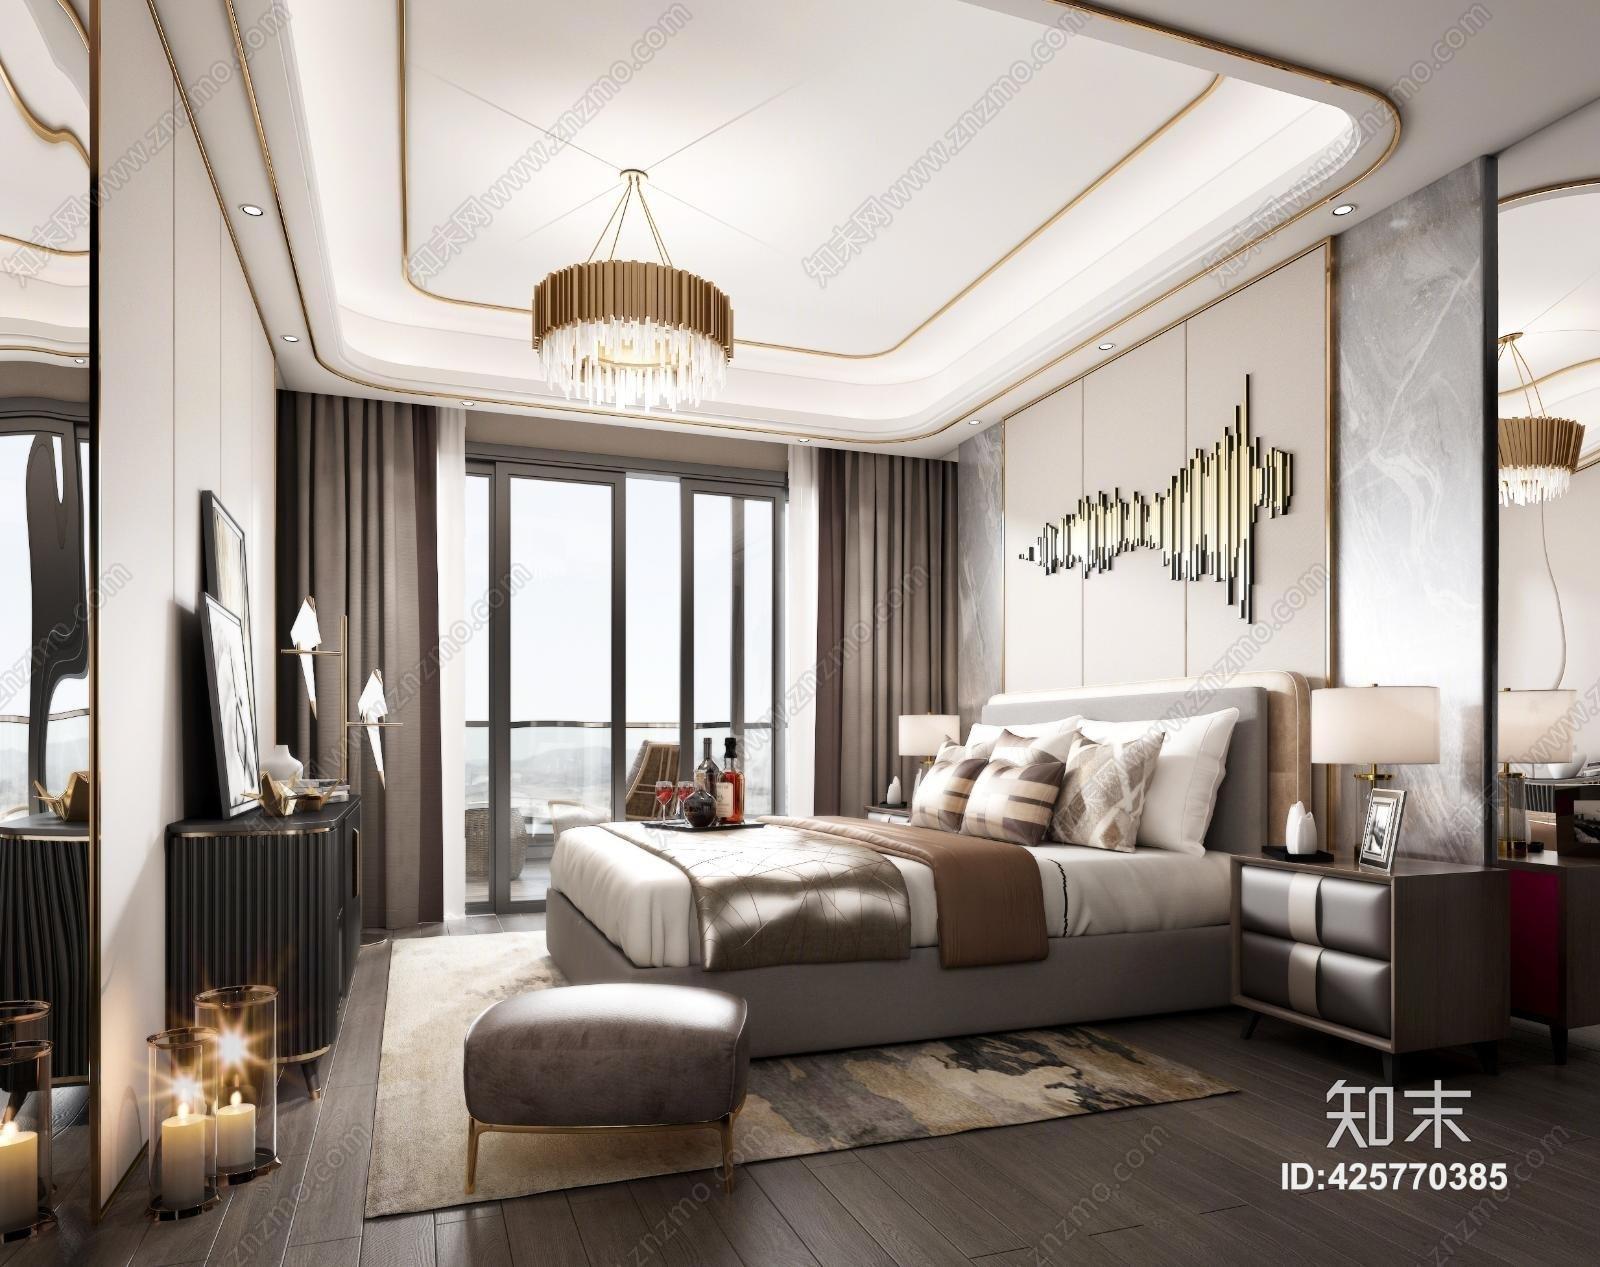 后现代主人房 床具 吊灯 台灯 挂画,电视 装饰品 地毯 床头柜 装饰品 窗帘